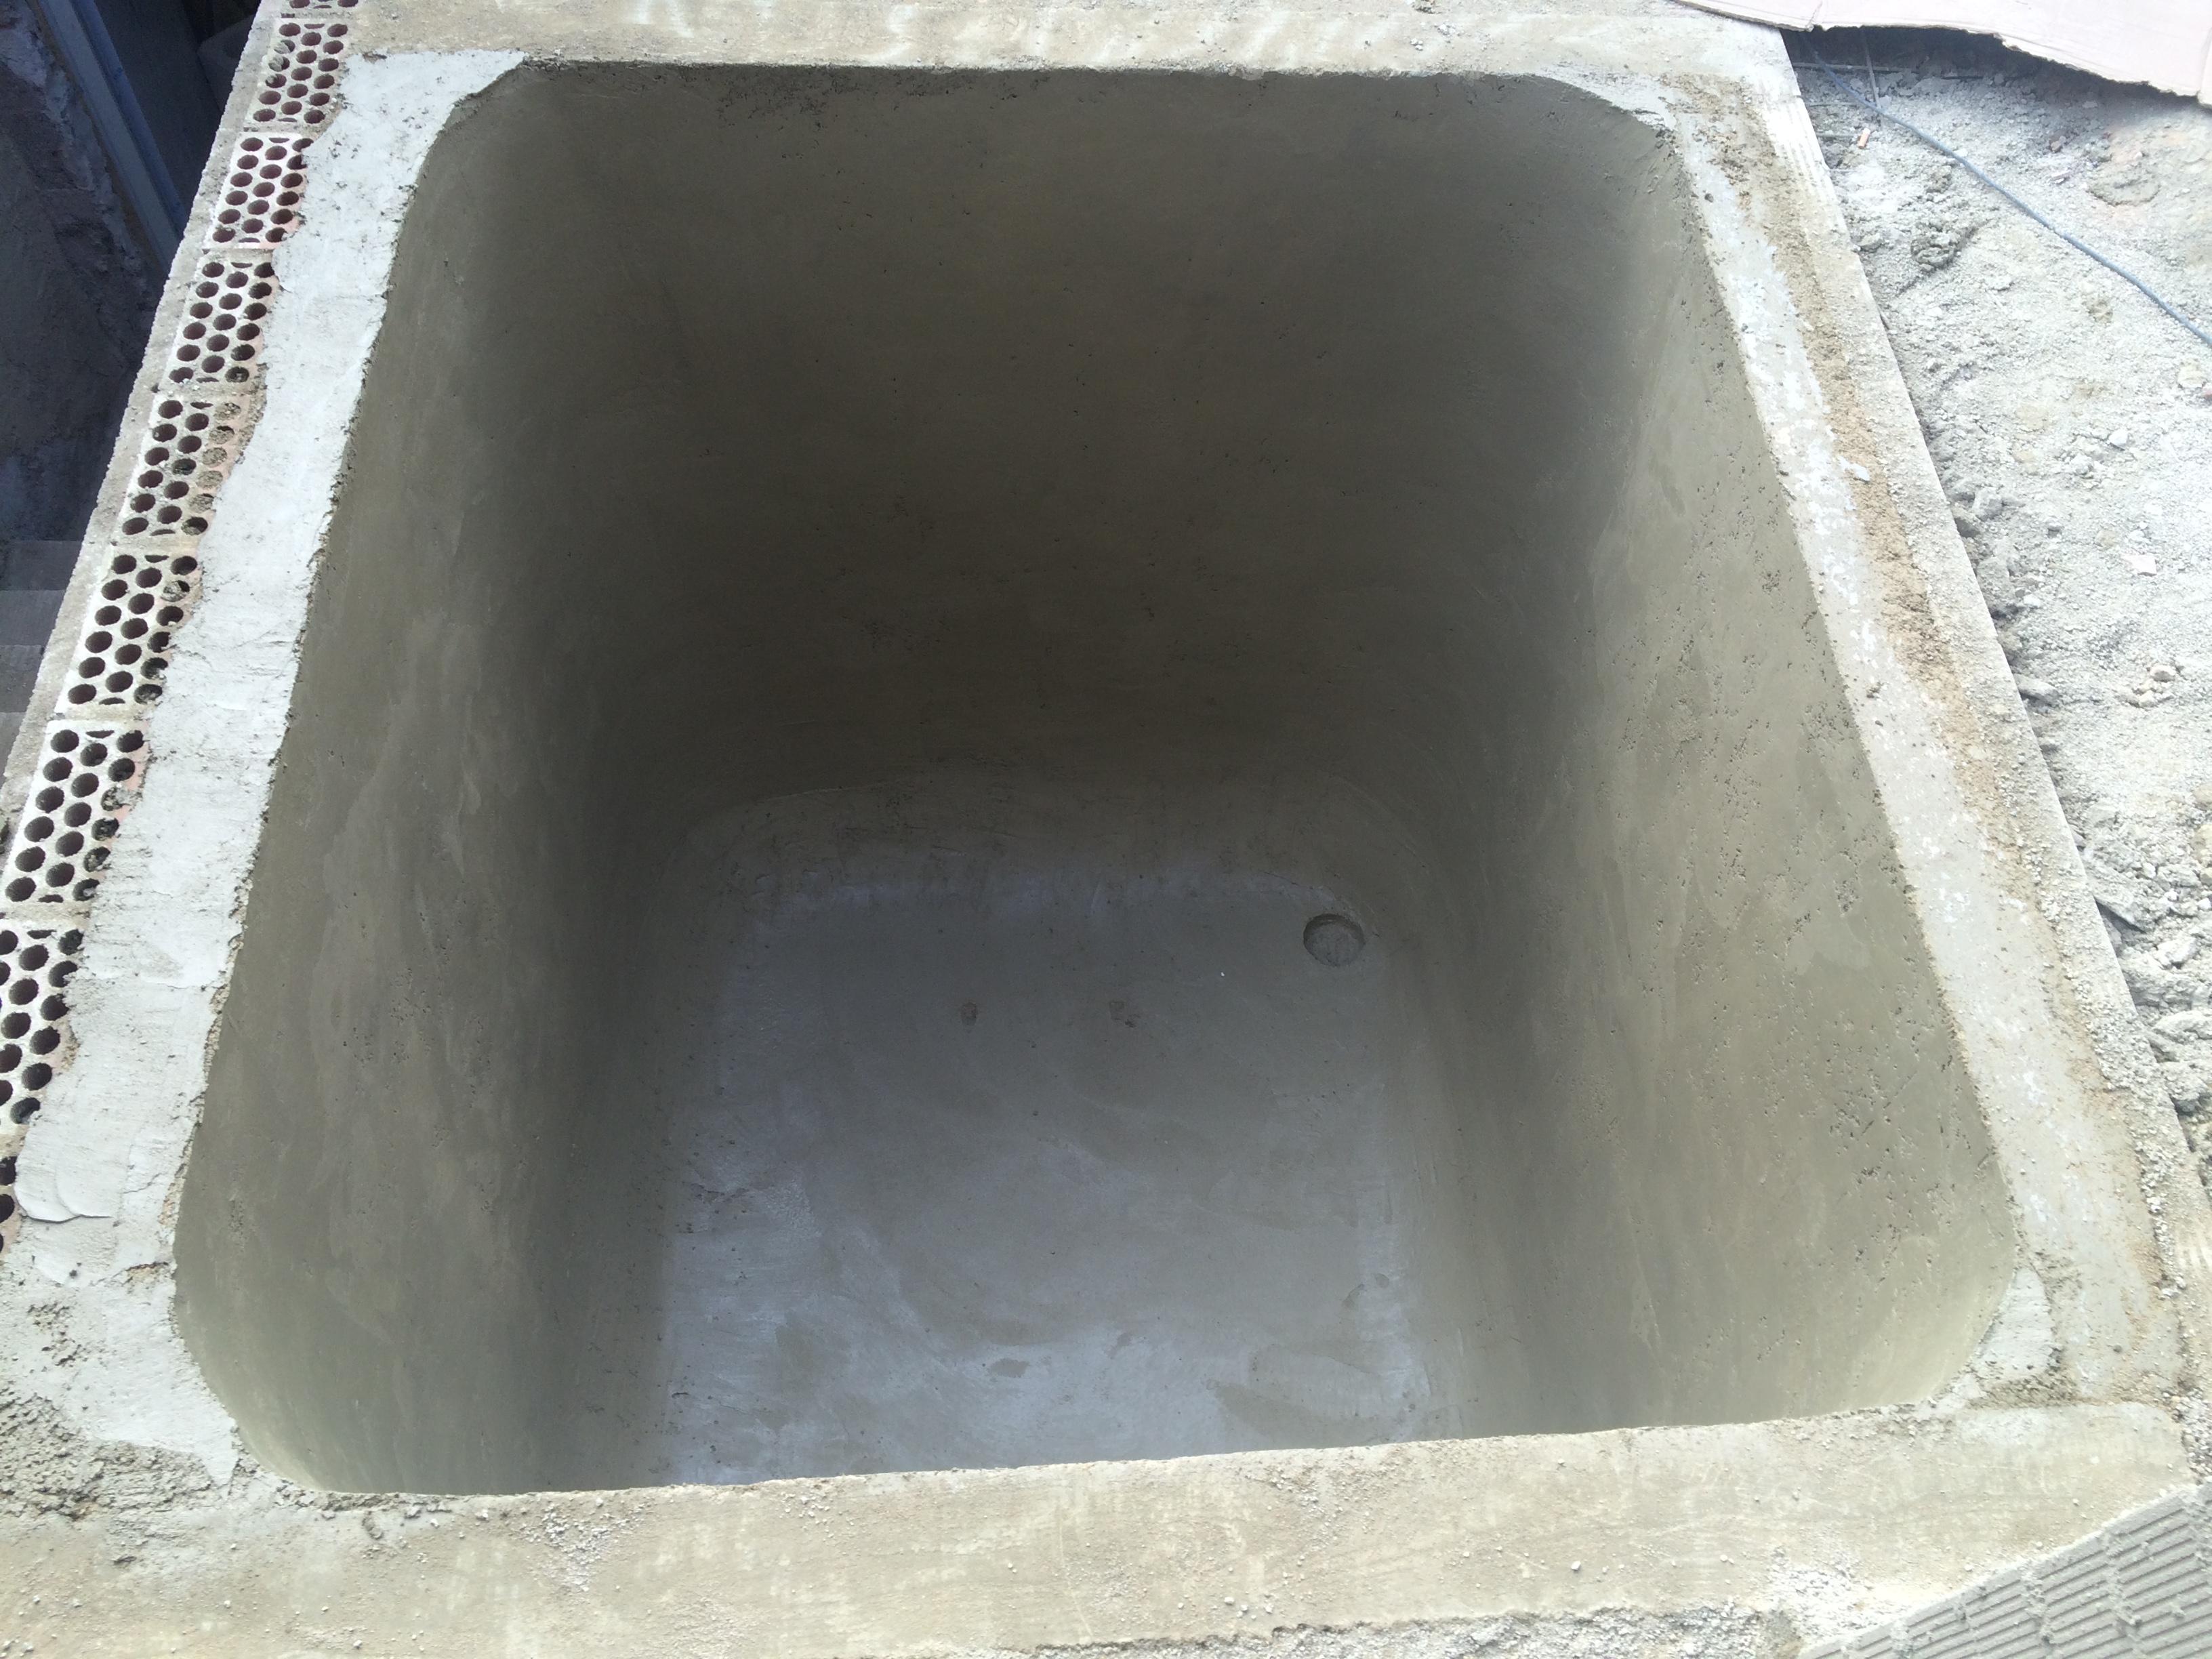 Dep sito de agua de litros for Deposito agua pluvial